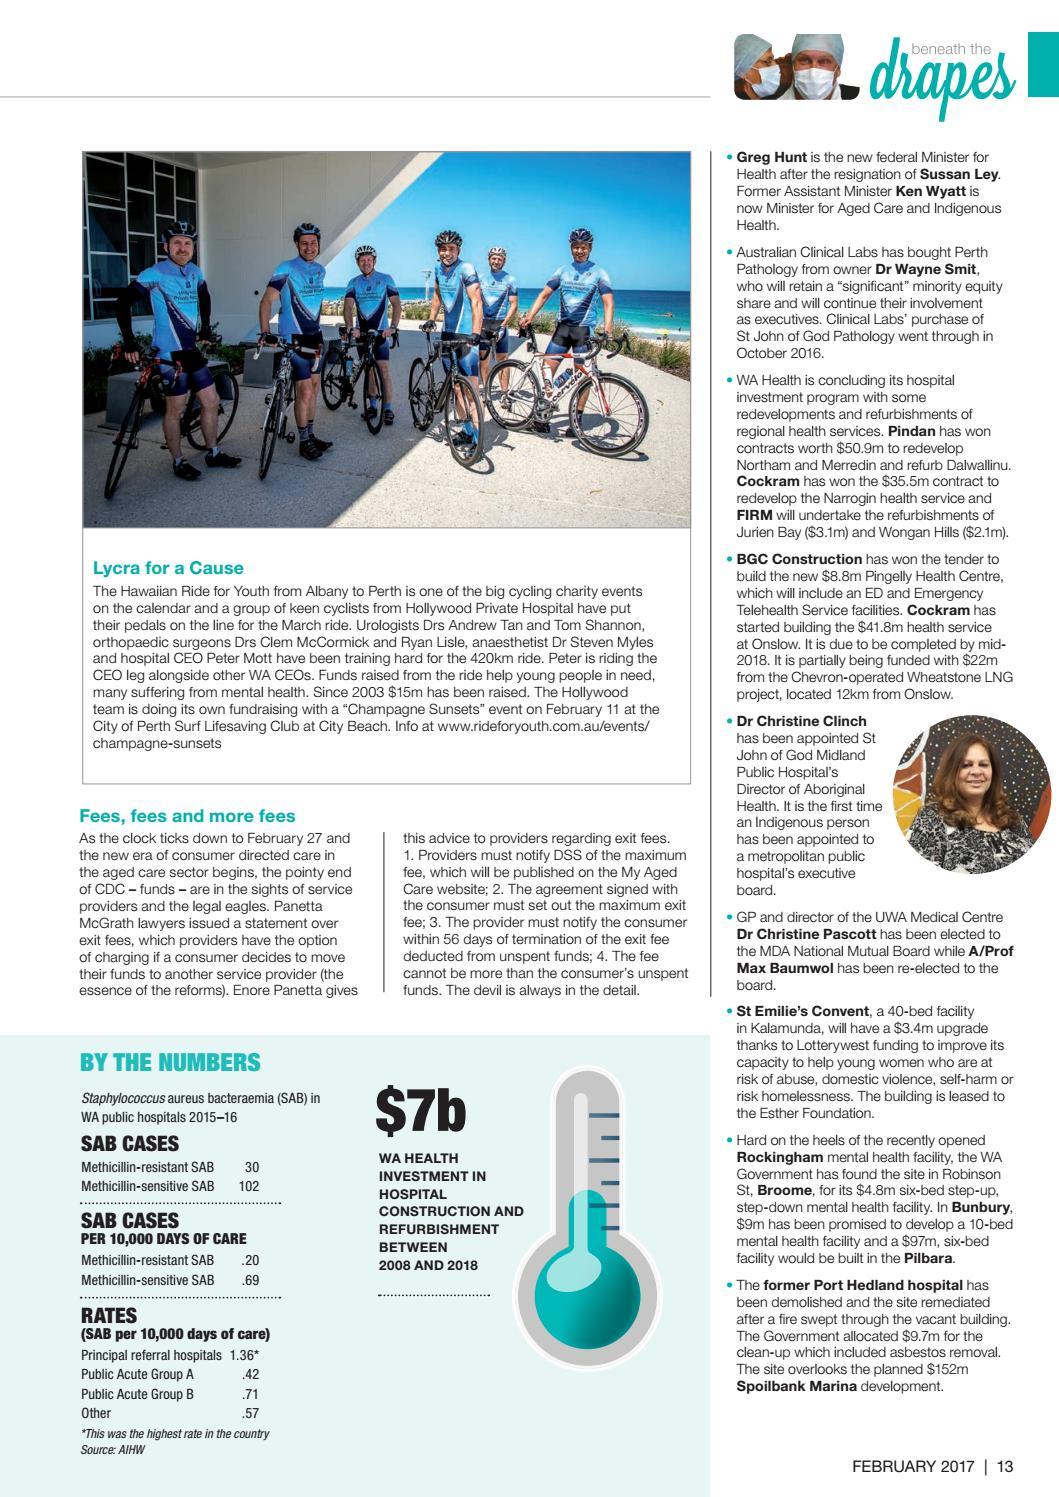 MedicalForumWA 0217 Public Edition by Medical Forum WA - issuu